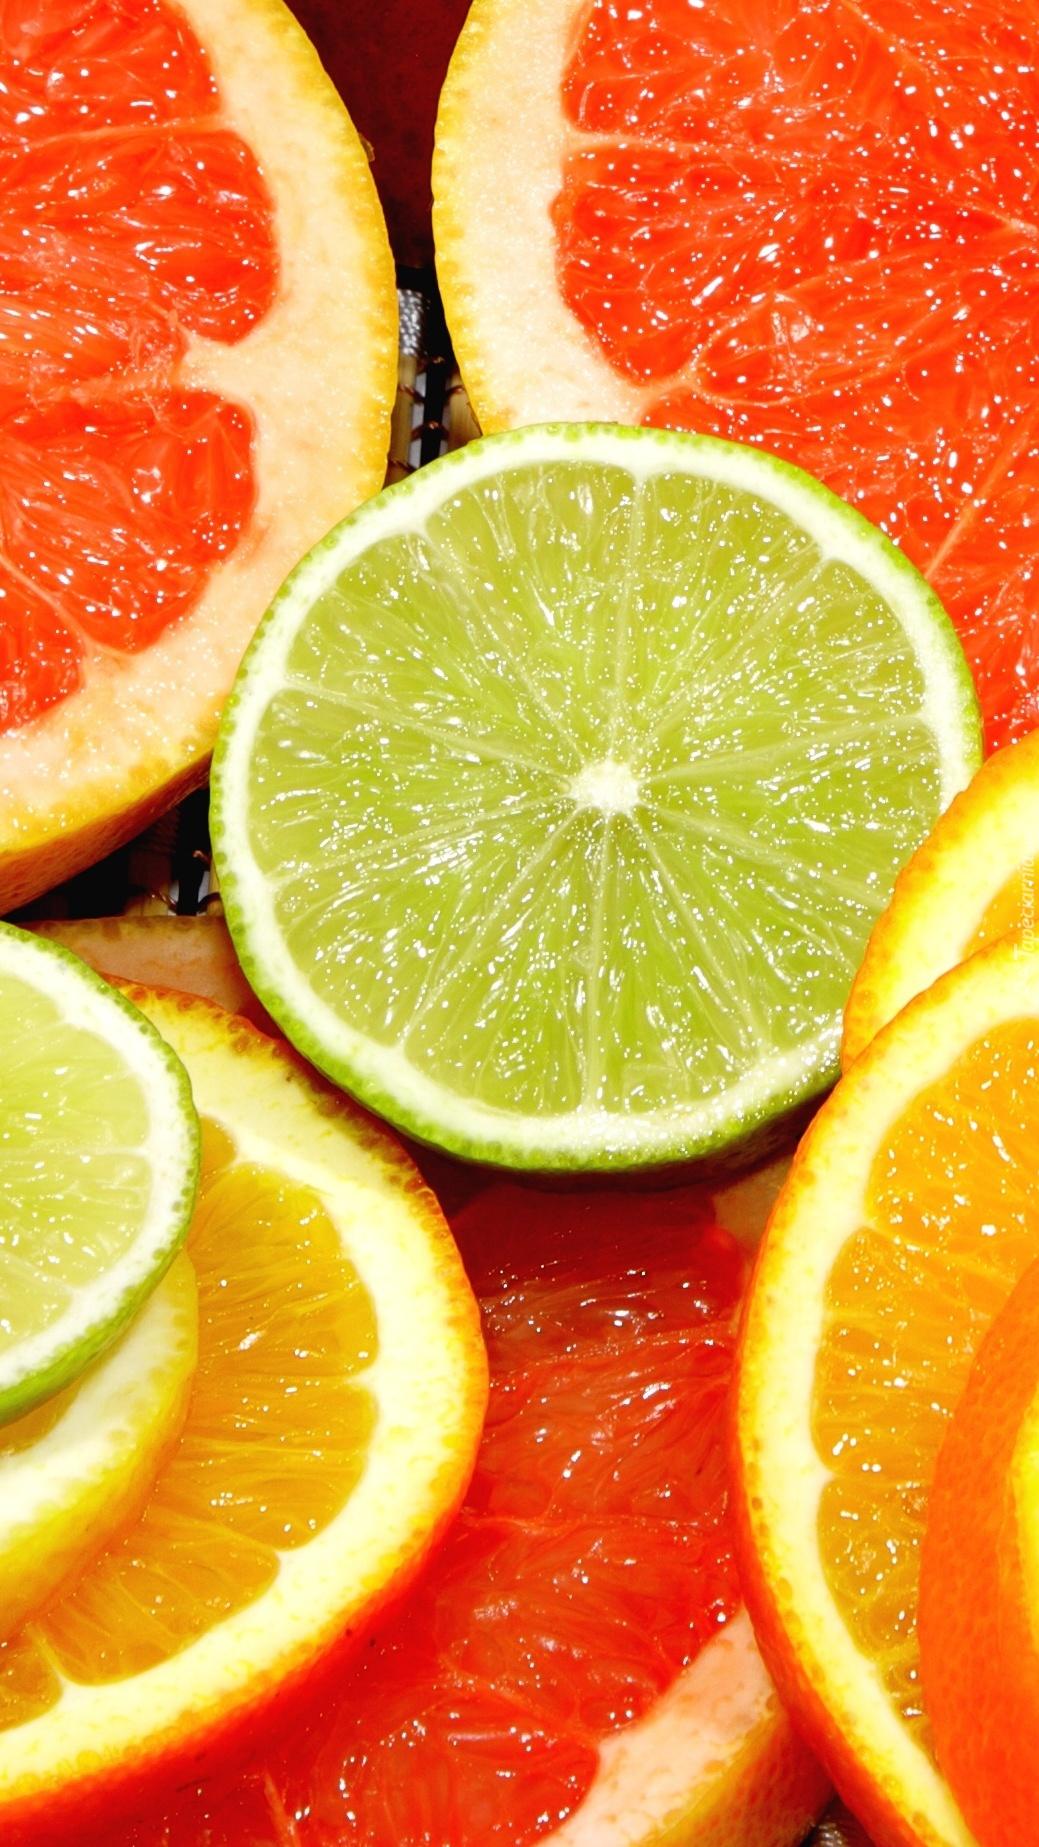 Pomarańcze z cytrynką i kawałkiem grejpfruta